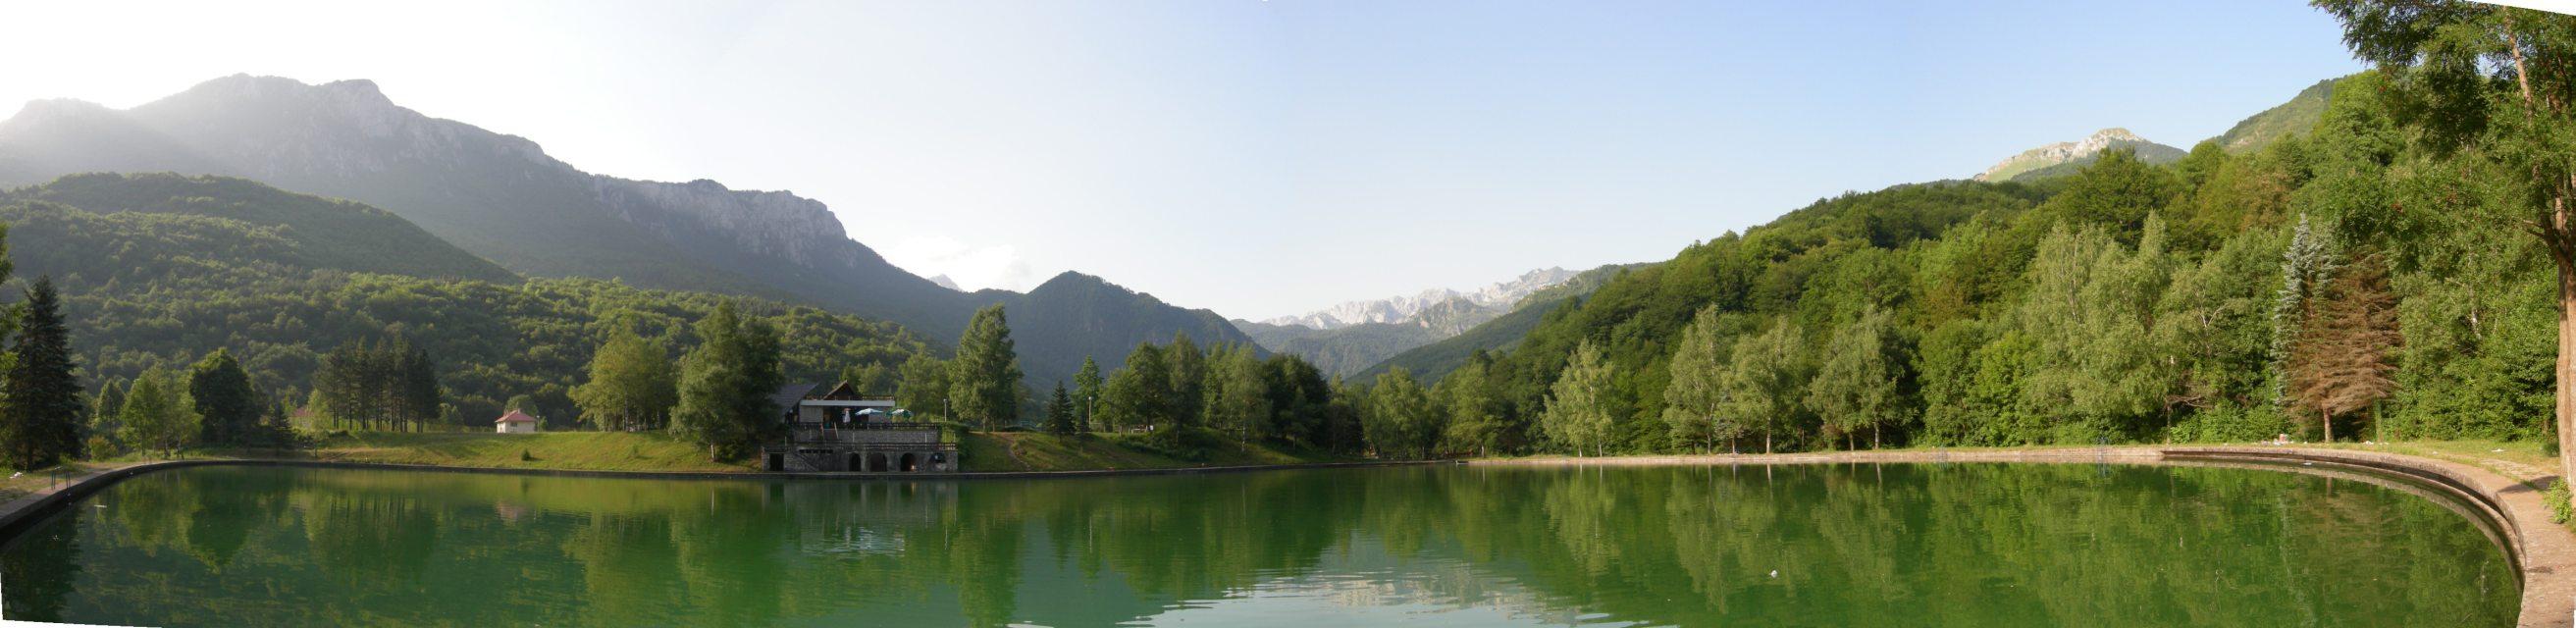 http://upload.wikimedia.org/wikipedia/commons/d/d0/Tjentiste-NP-Sutjeska-Bazen.JPG